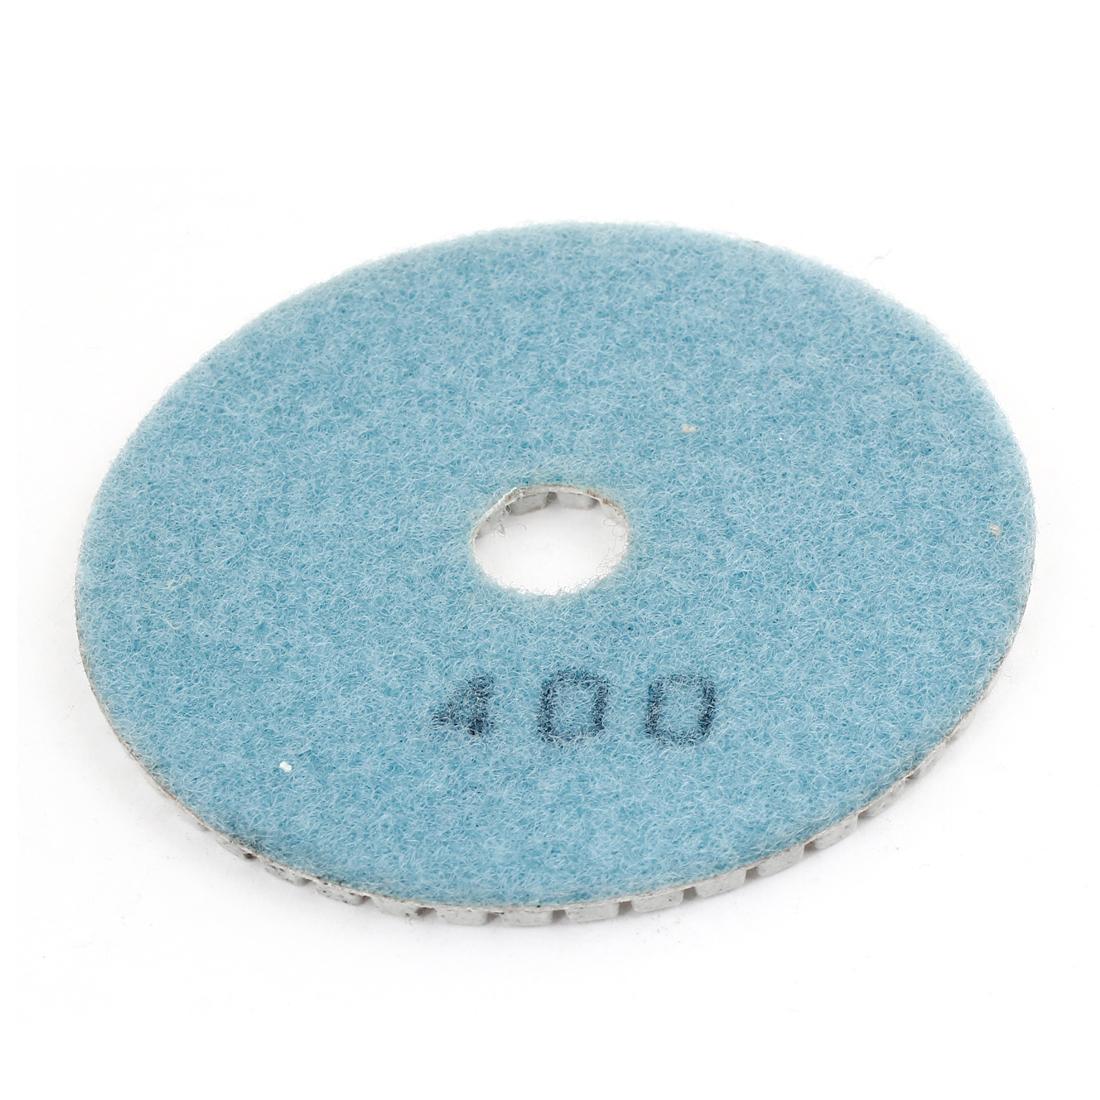 16x100x4mm 400 Grit Teal Blue Gray Tile Polisher Diamond Polishing Pad